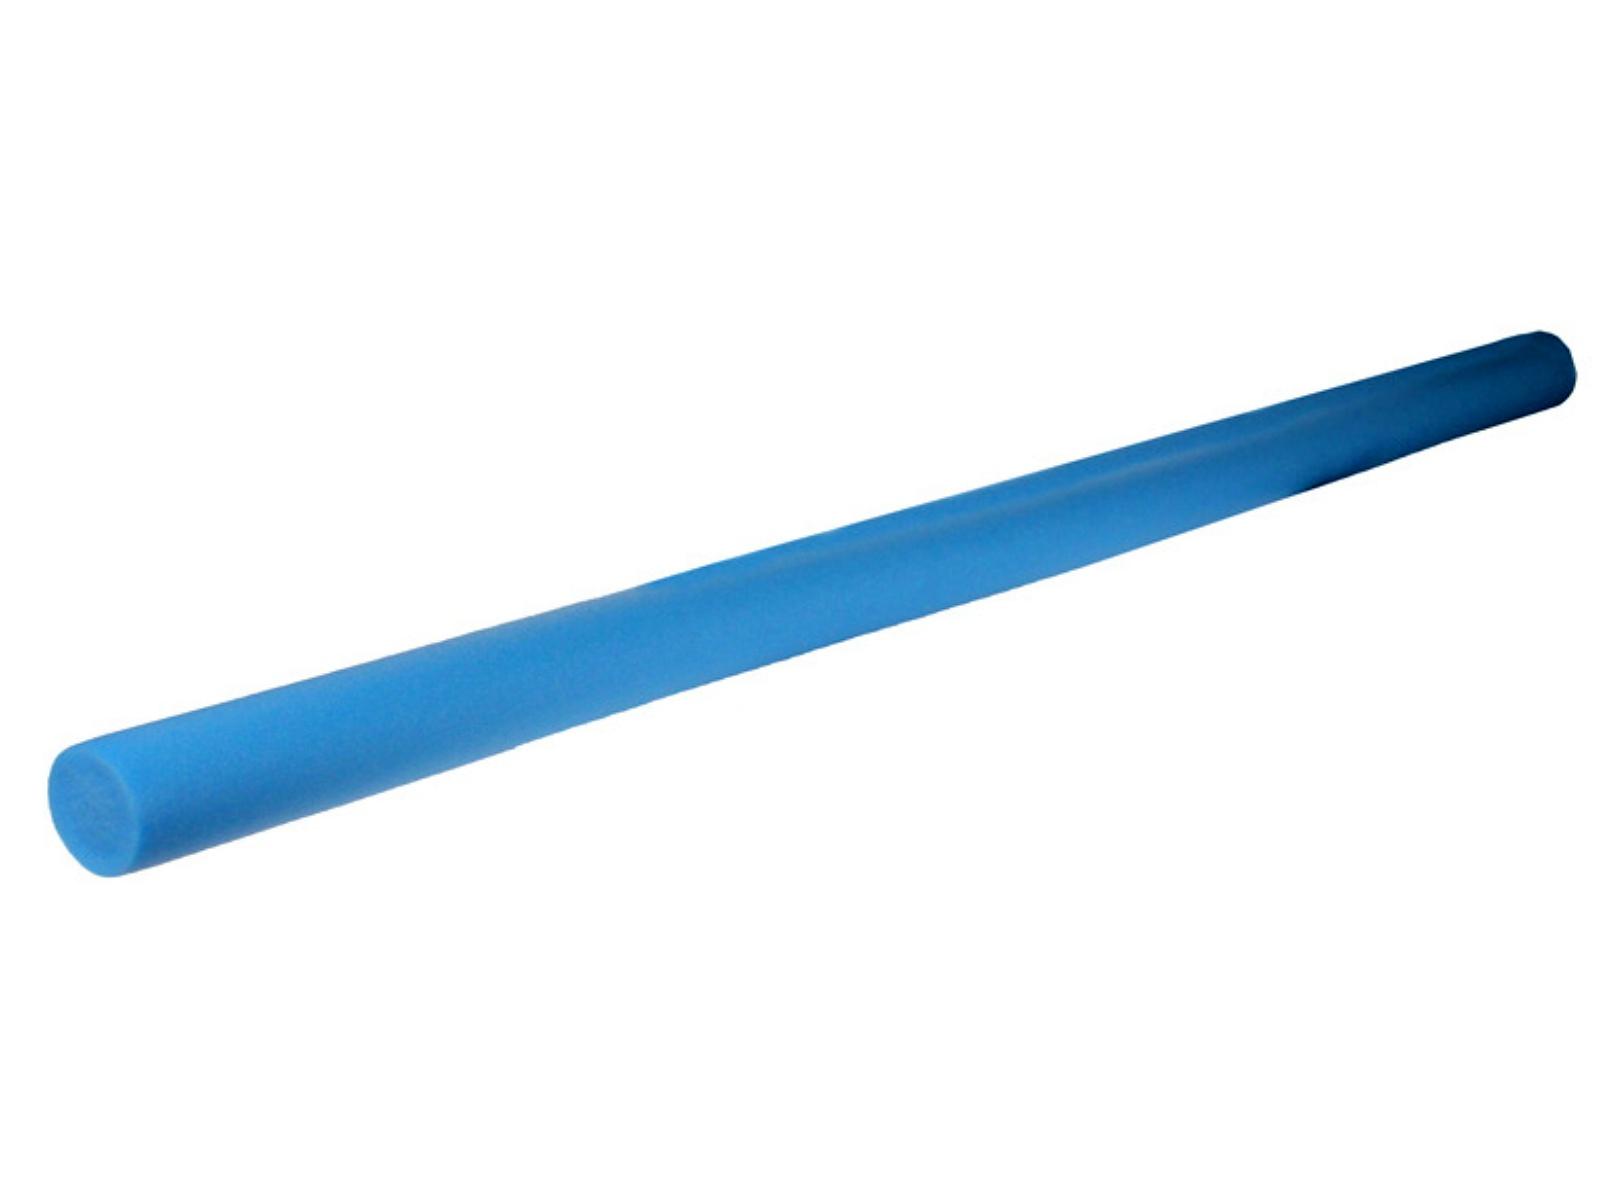 Plovací nudle 180 cm